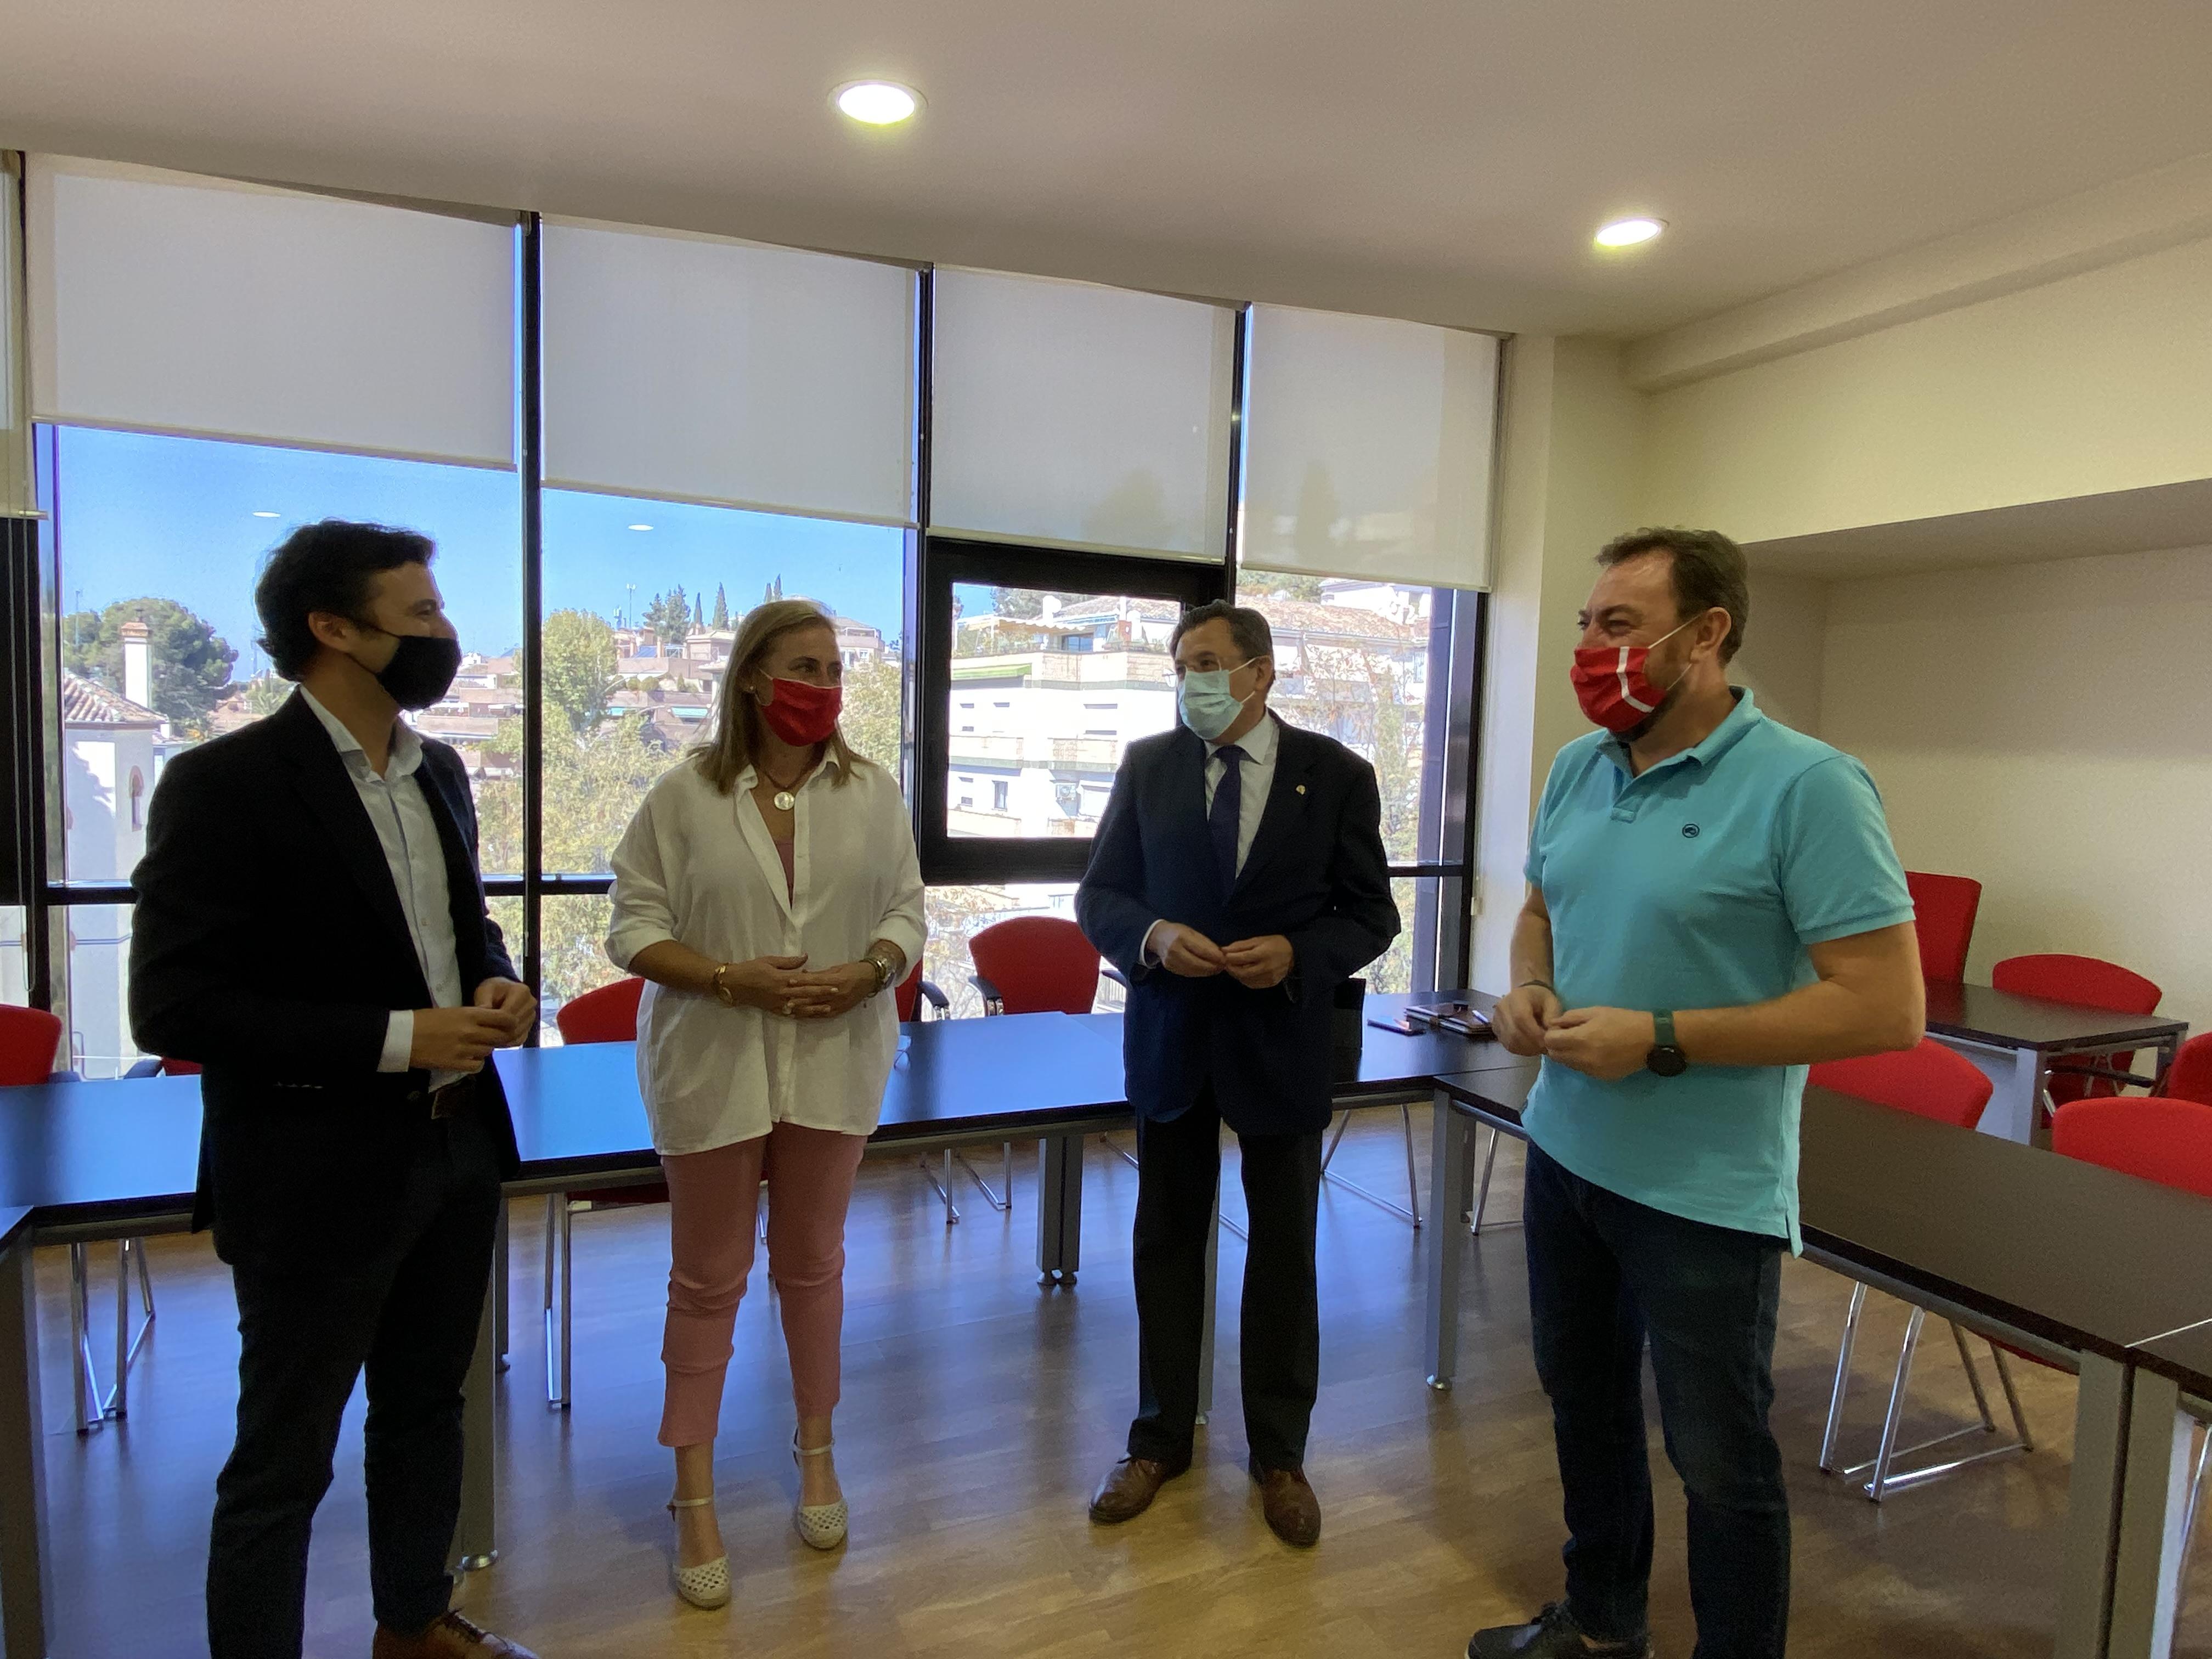 3.420 familias granadinas se han beneficiado de las tarjetas monedero de la Junta de Andalucía en plena pandemia, según el PP